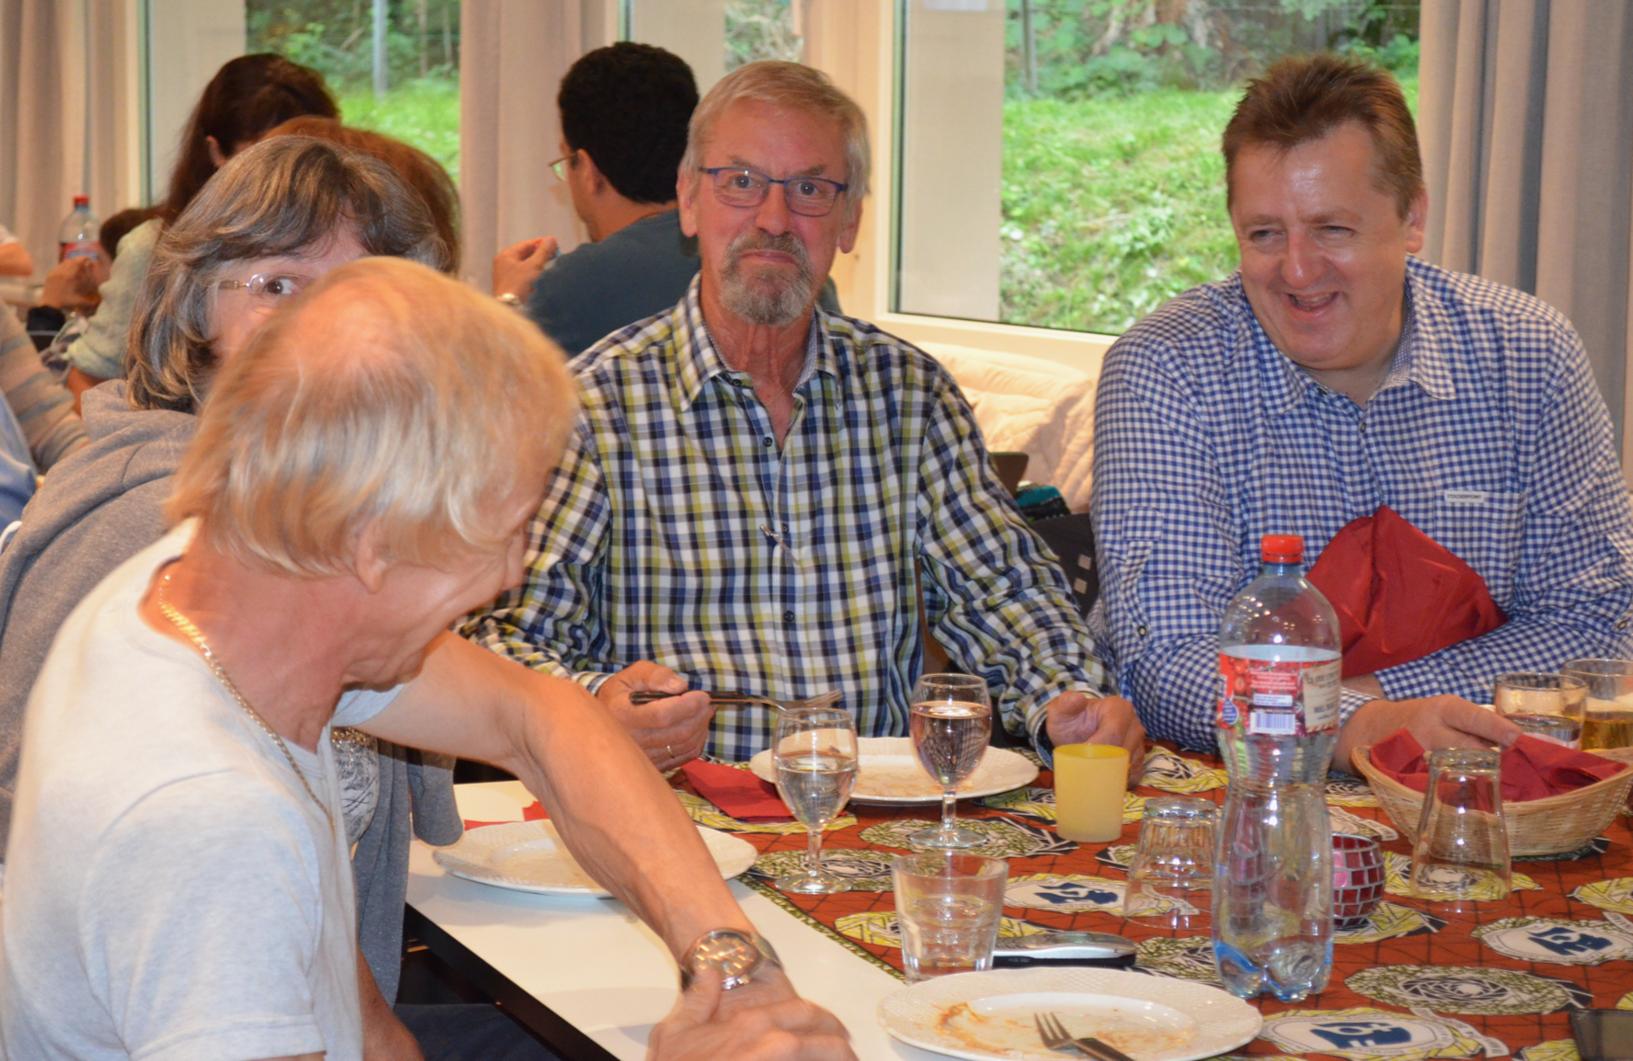 Die Besucher hatten sichtlich Spass und die Teller waren schnell leer - es scheint geschmeckt zu haben...